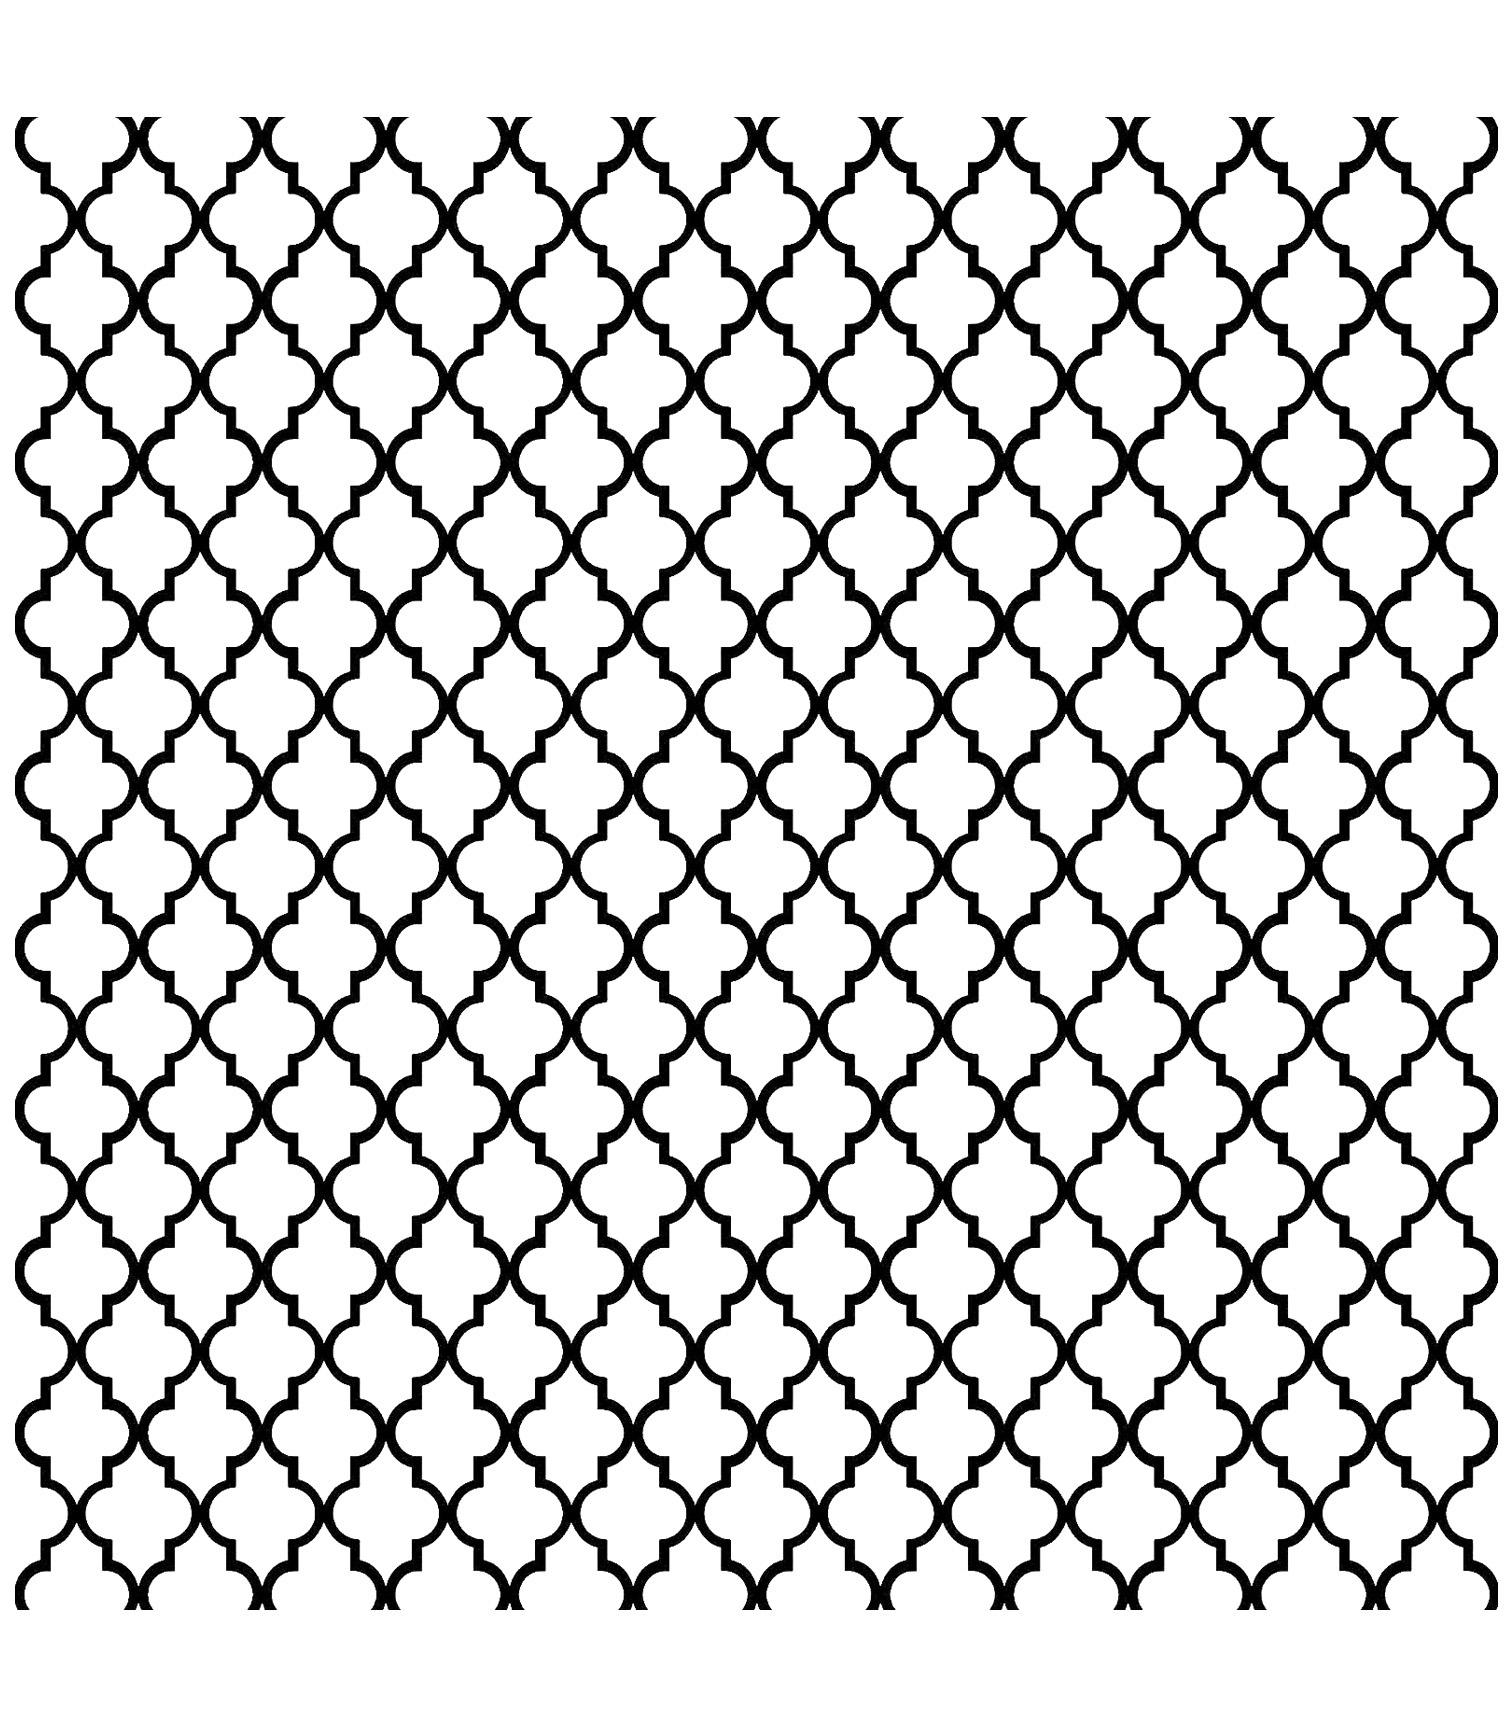 Motifs orientaux symétriques et réguliers, à colorier, pour un moment de dépaysement total